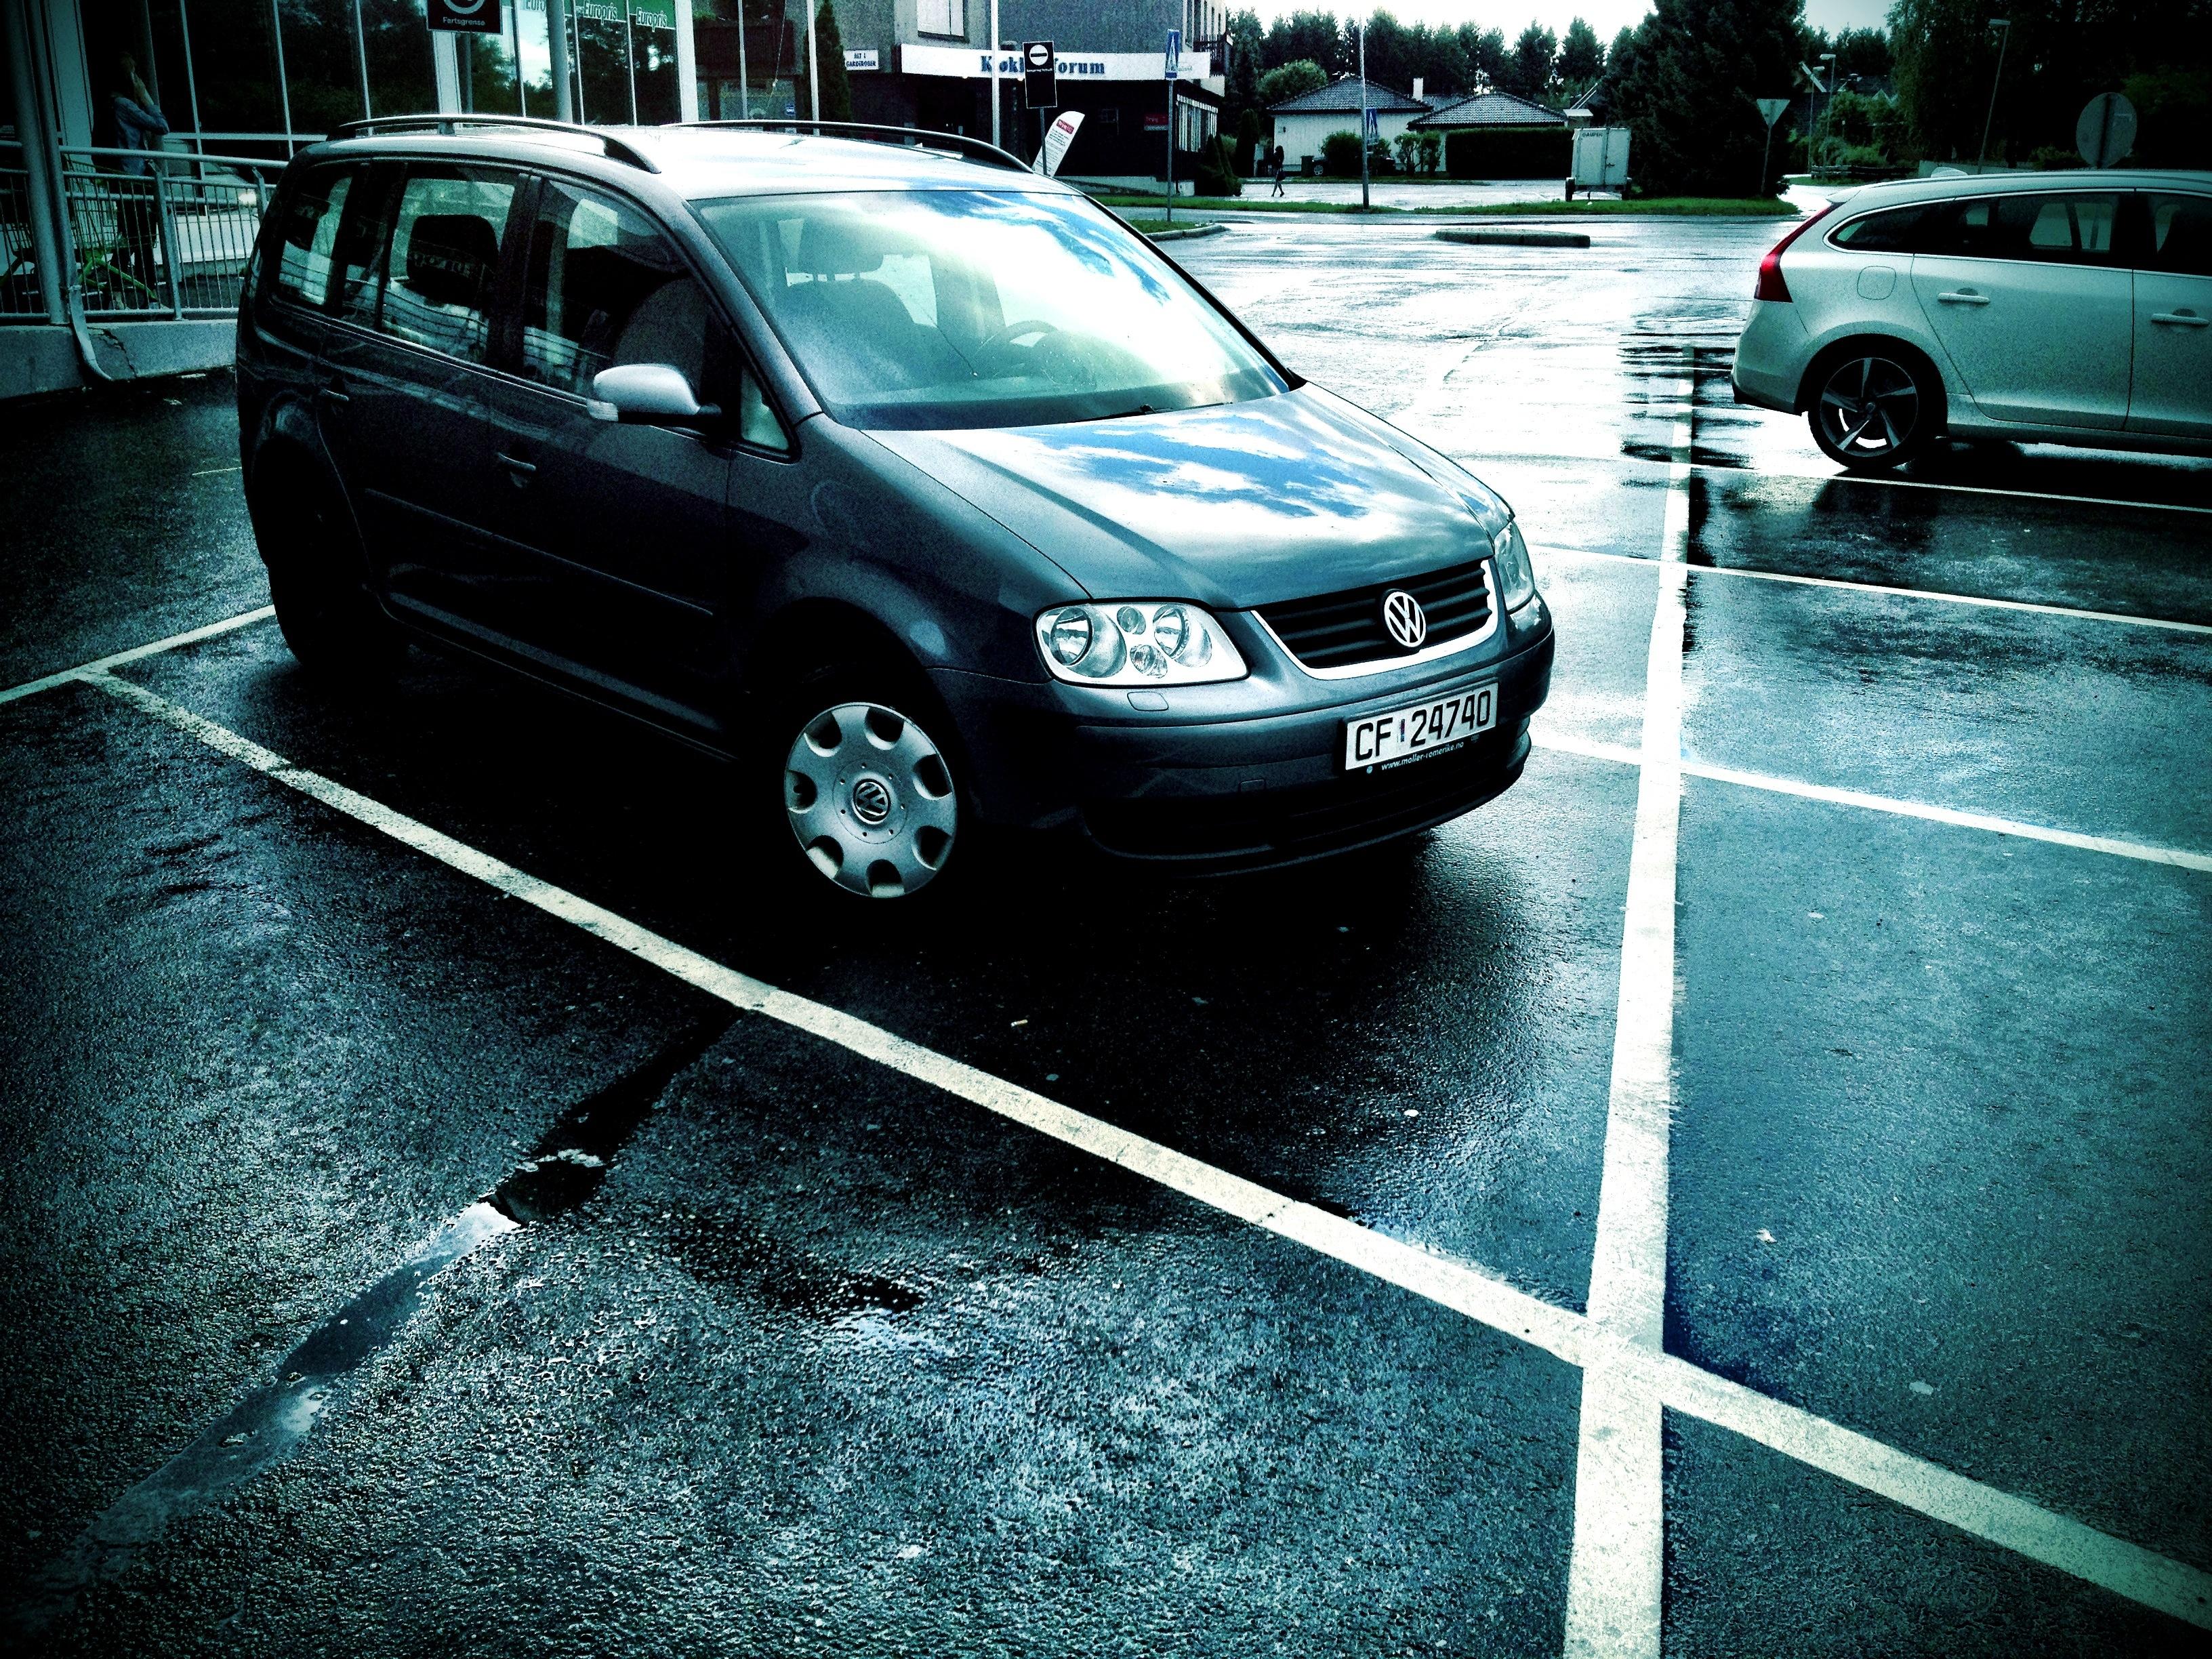 Rektangulær bil, parkeringsplassen er et parallellogram uten rette vinkler.